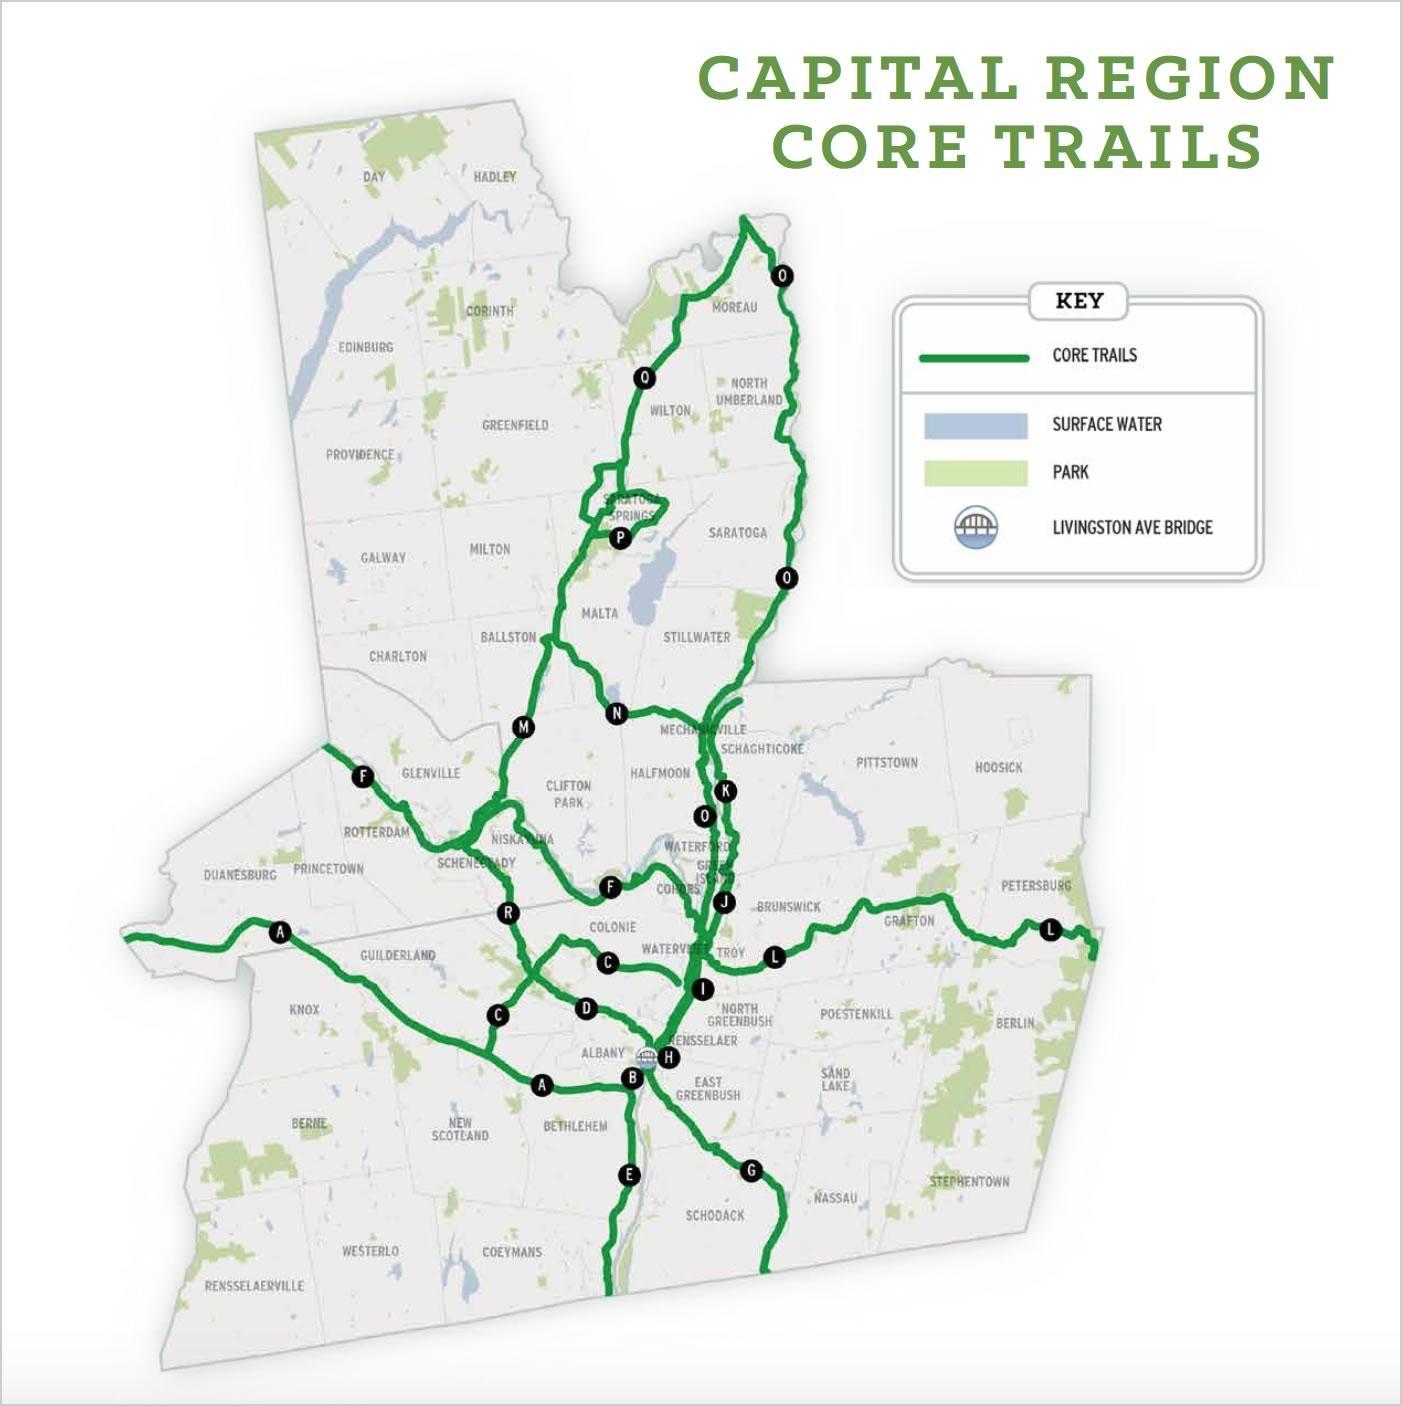 Capital District Trails Plan 2018 core trails map